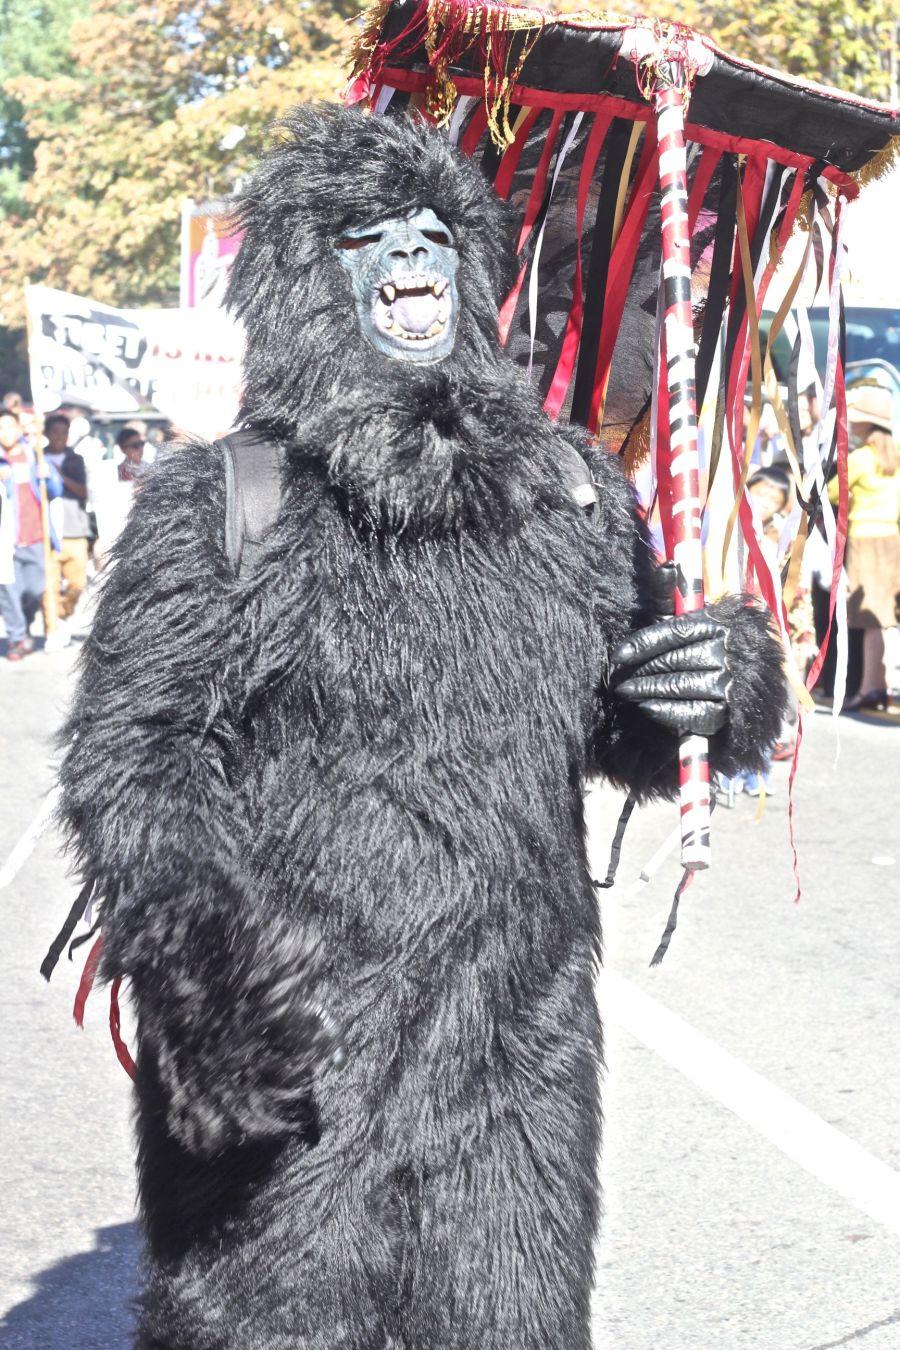 cambridge honkfest october 11 2015 31